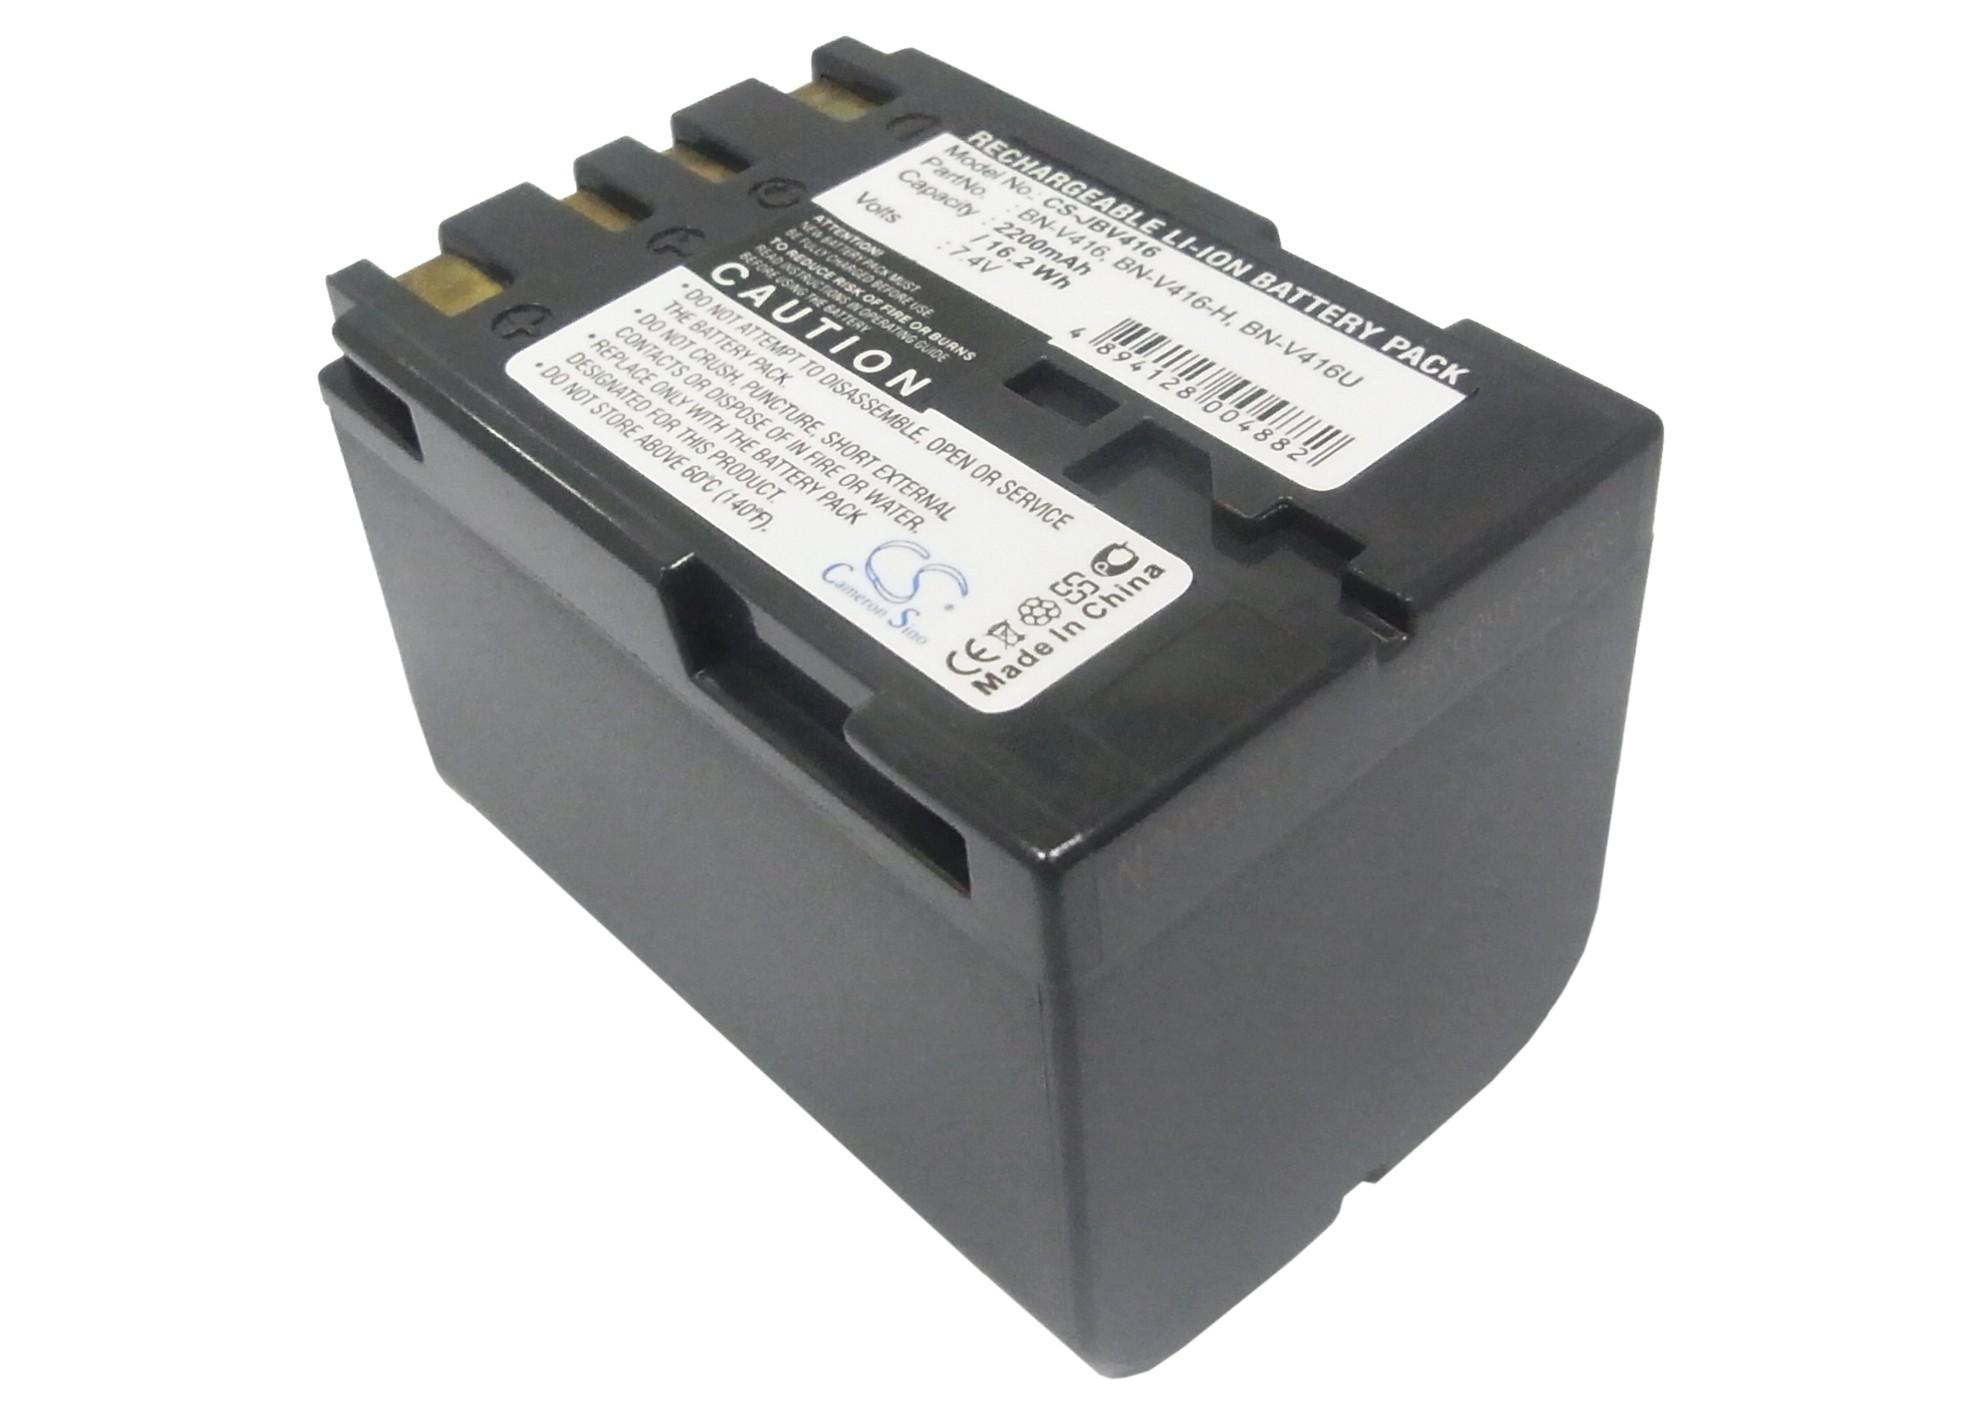 Cameron Sino baterie do kamer a fotoaparátů pro JVC GR-D93 7.4V Li-ion 2200mAh tmavě šedá - neoriginální